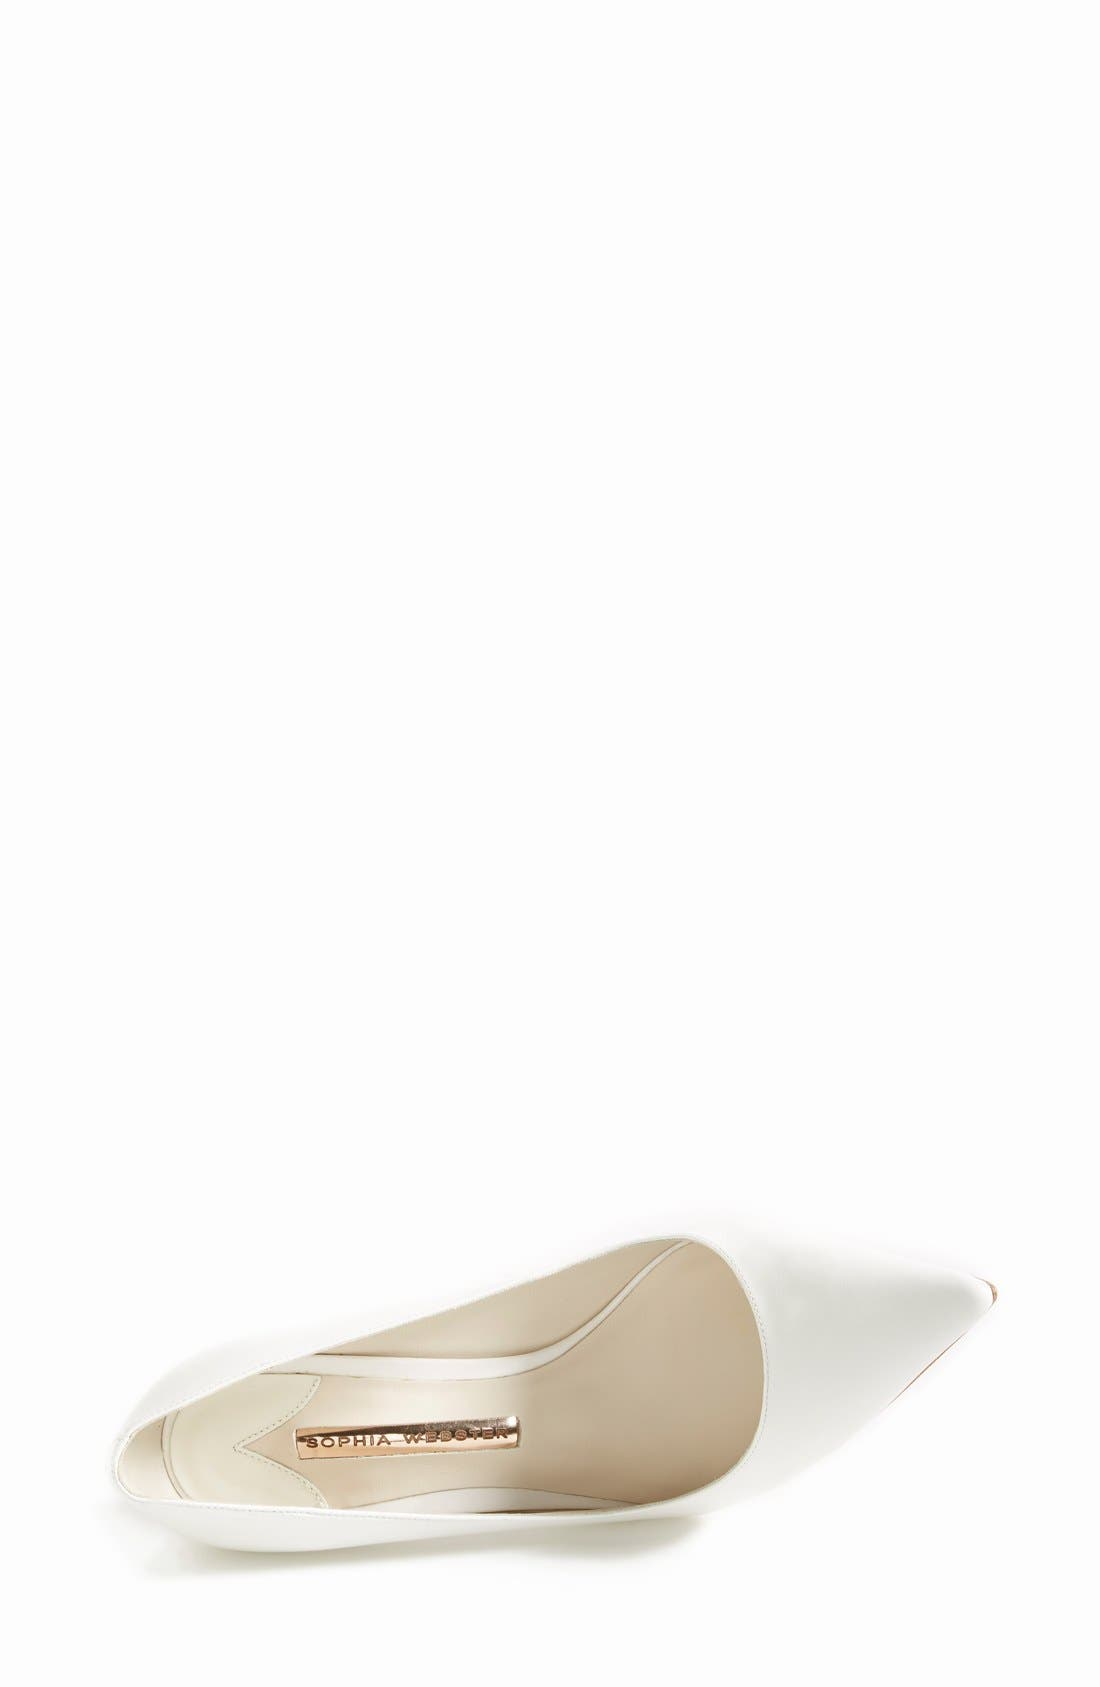 Alternate Image 3  - Sophia Webster Crystal Heel Pump (Women)